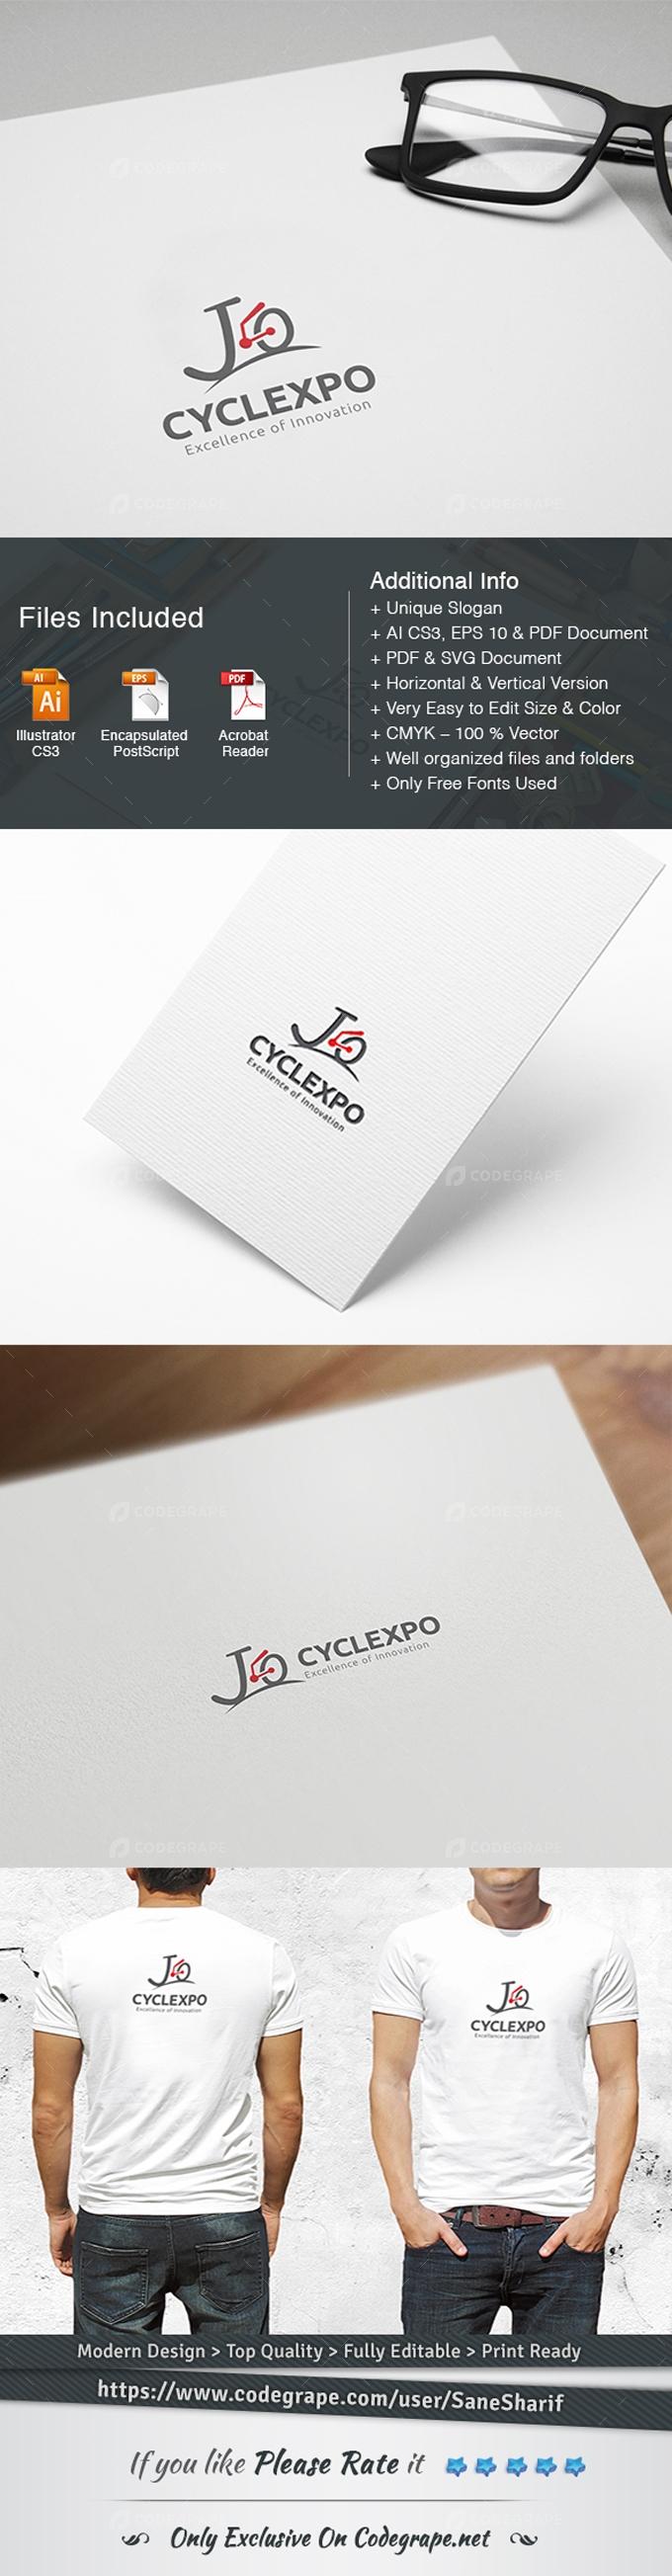 Cyclexpo Logo